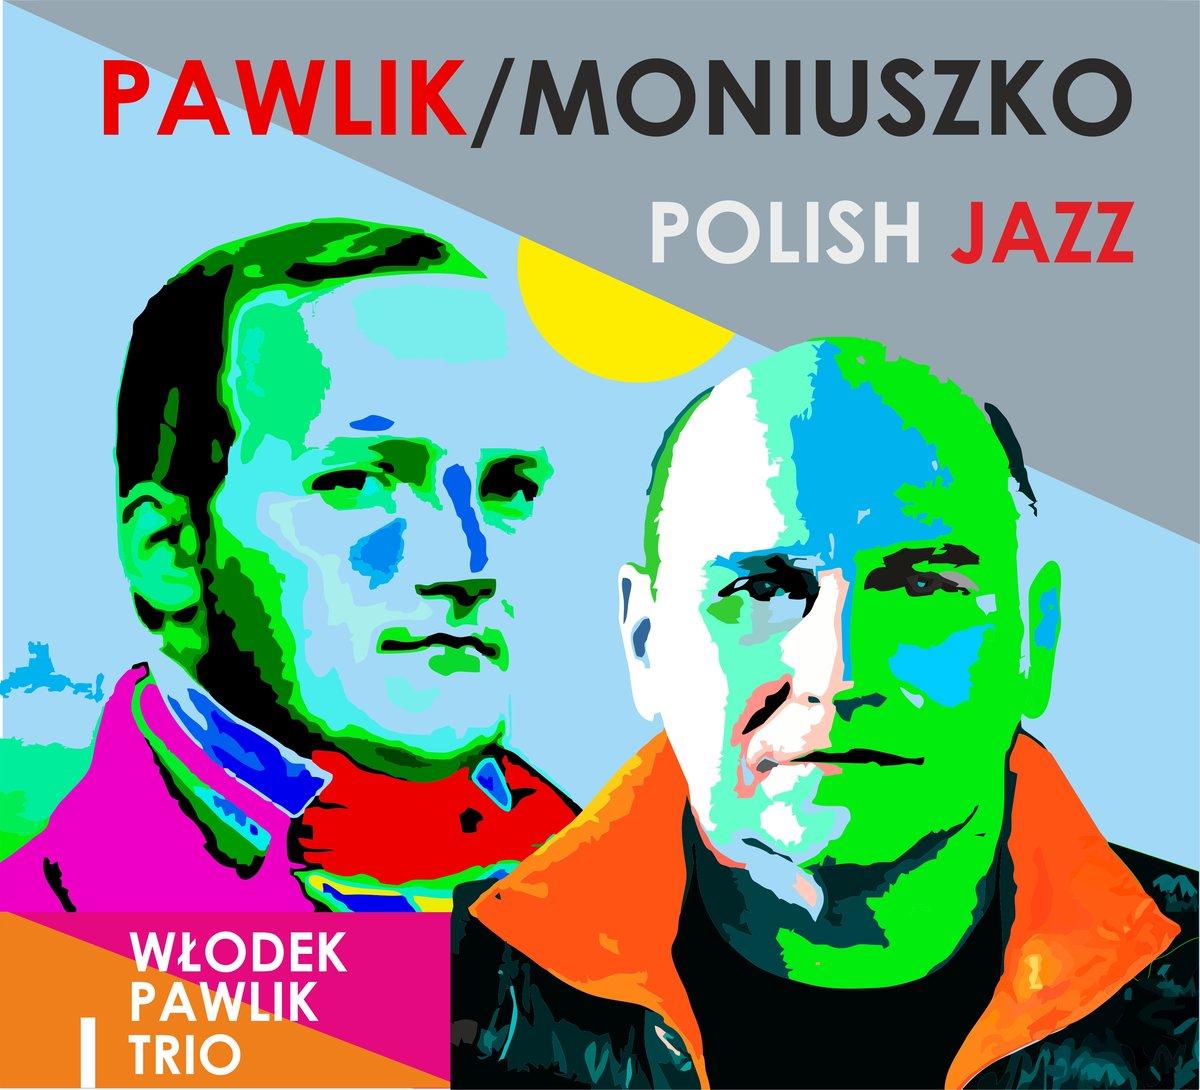 PAWLIK WŁODEK TRIO - Pawlik / Moniuszko - Polish Jazz